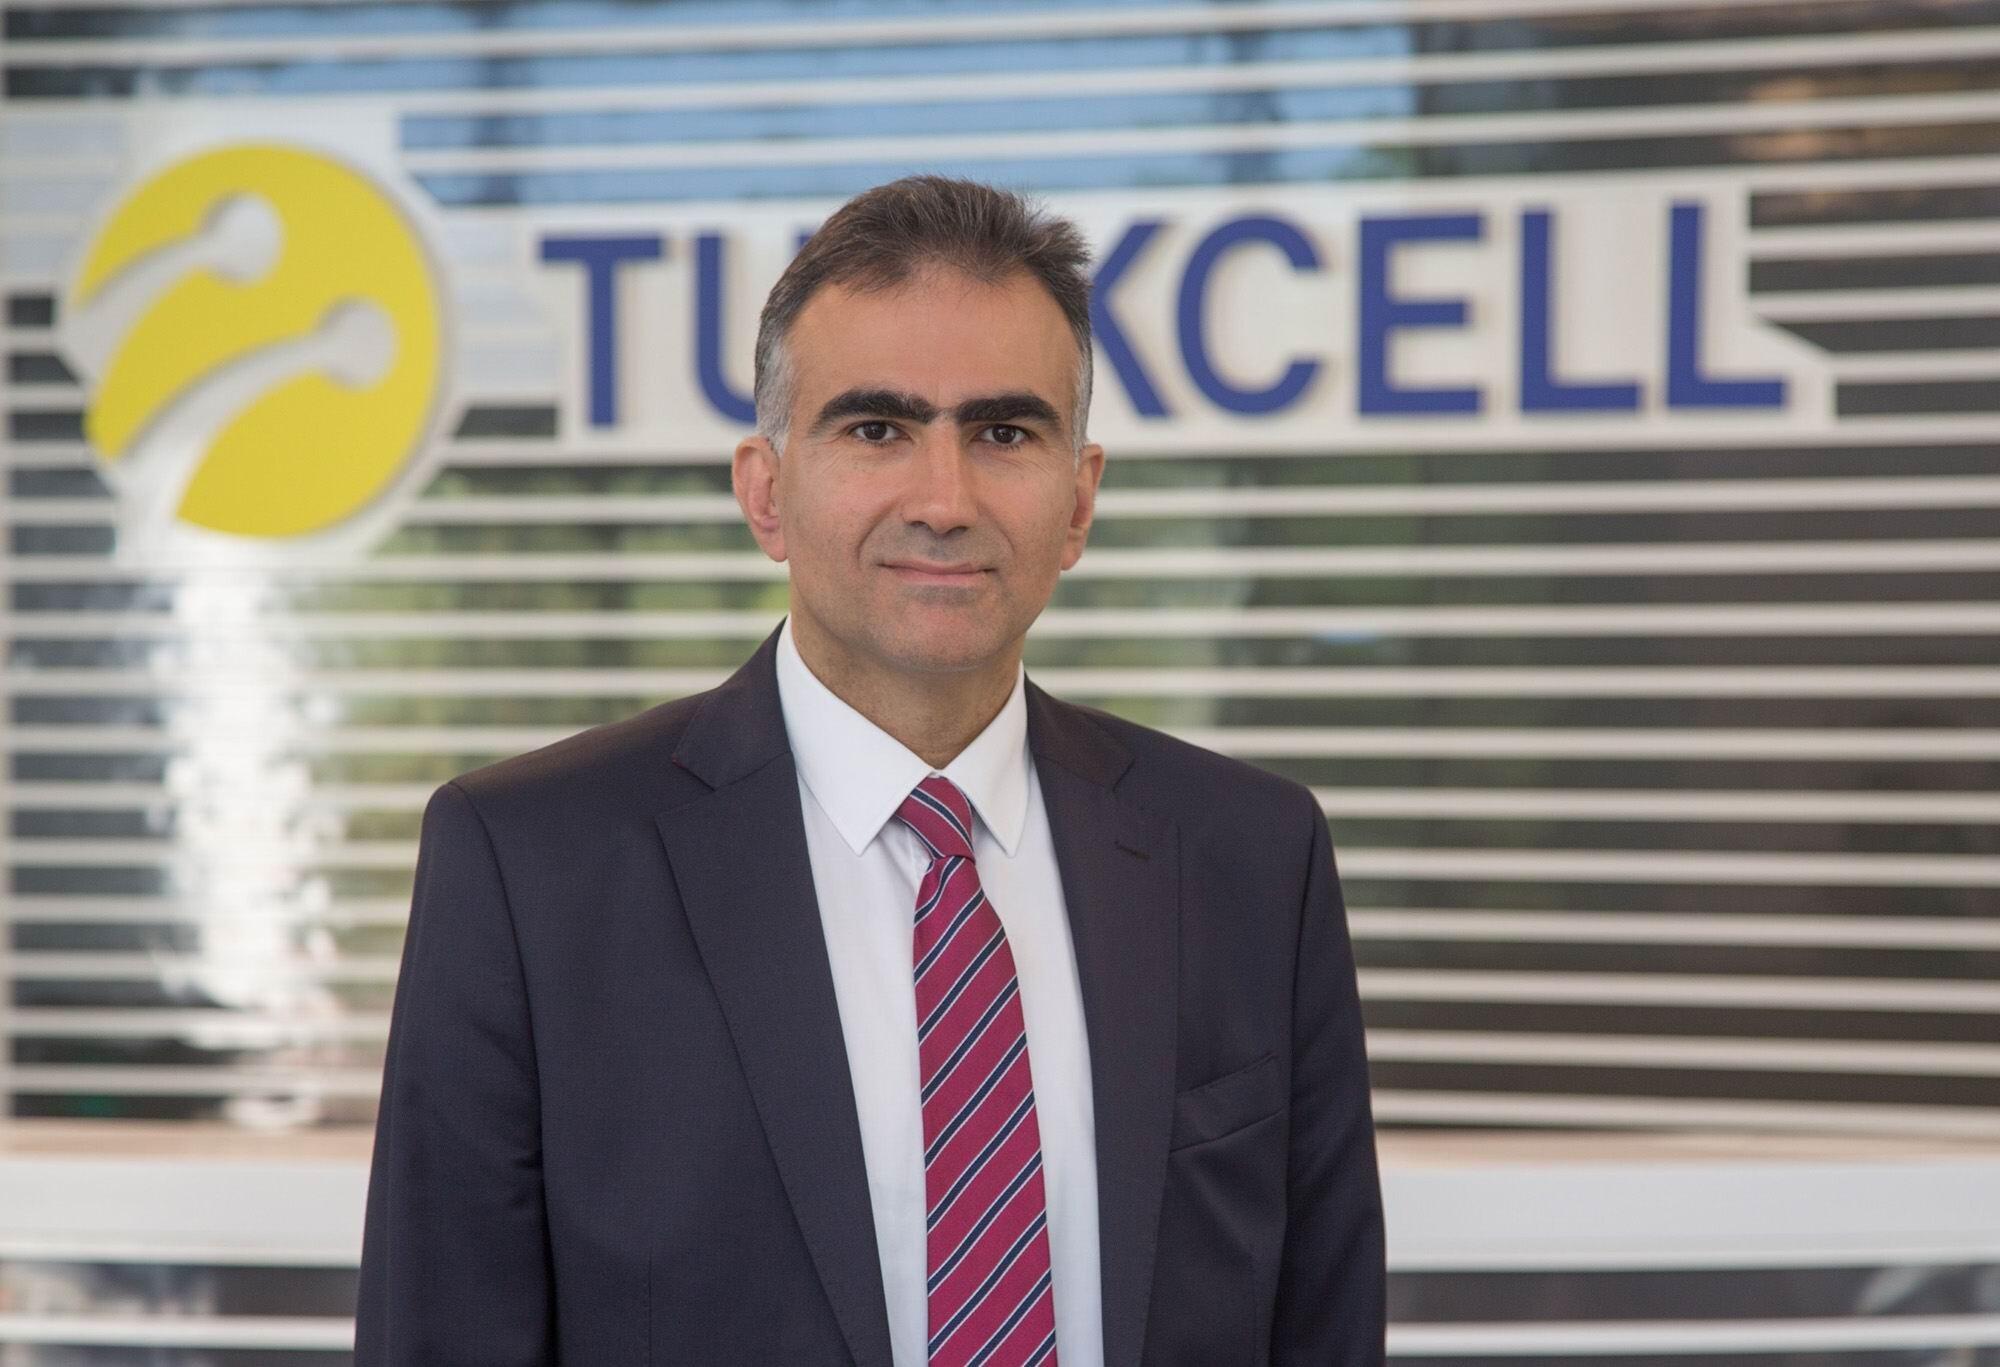 Turkcell NB-IoT teknolojisini 4 5G şebekesi üzerinde çalıştırdı